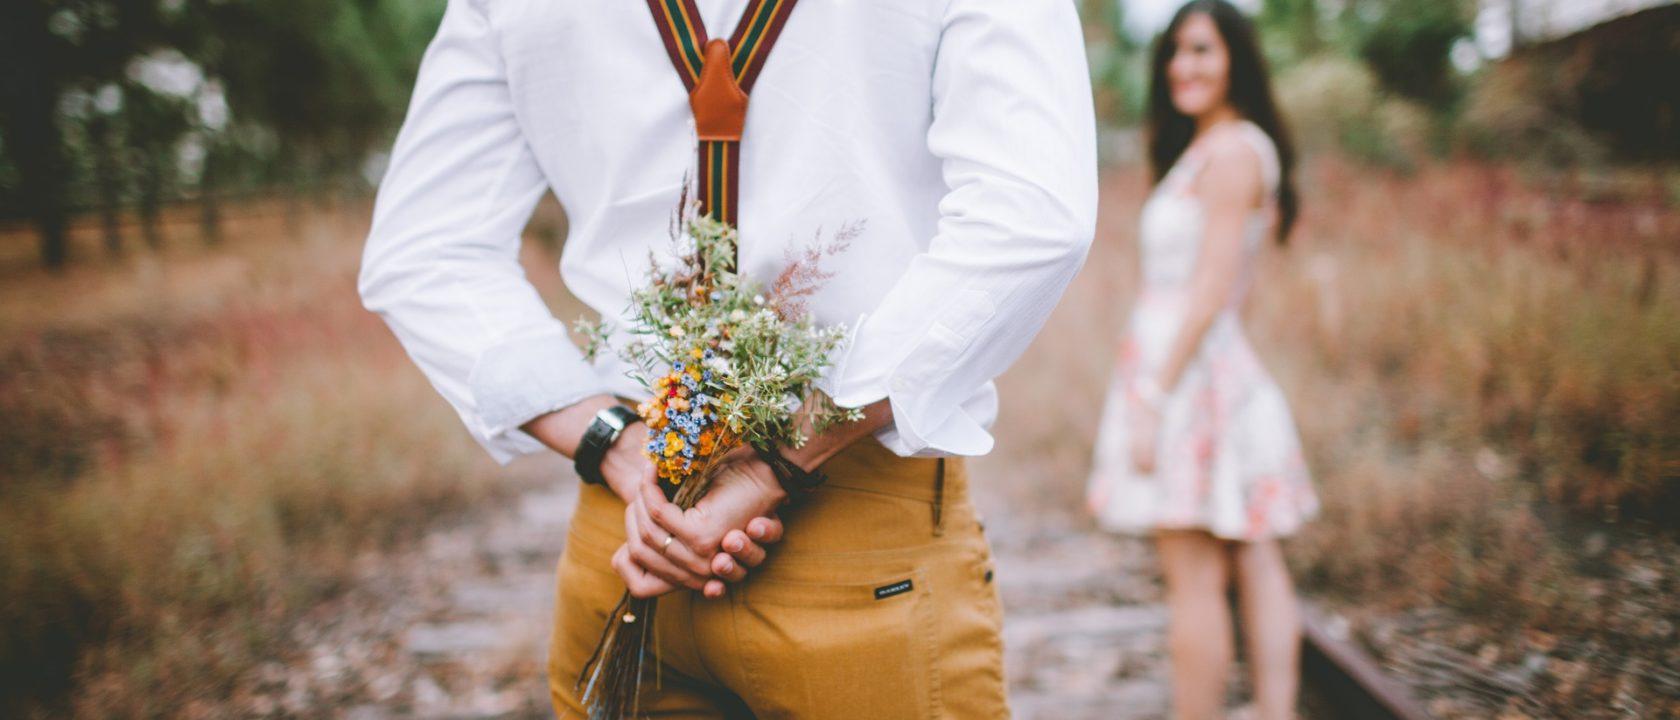 Adam, kadına sürpriz yapmak için arkasında bir demet çiçek gizliyor